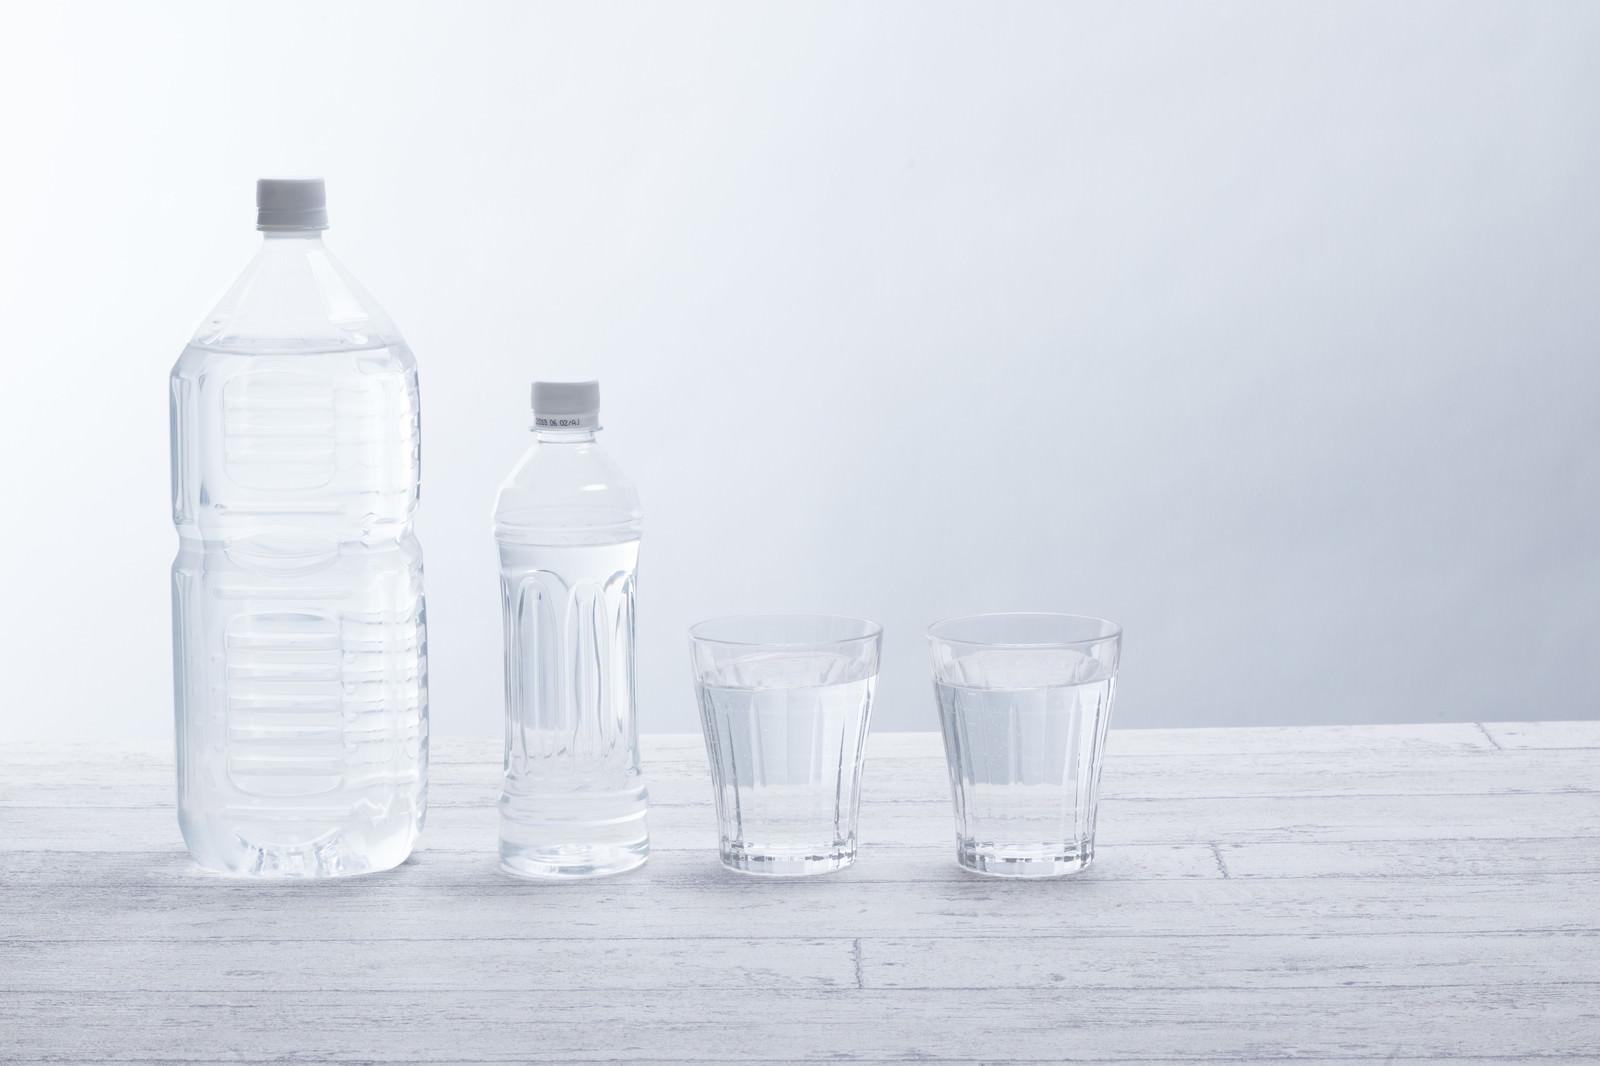 「ペットボトルとグラスのミネラルウォーターペットボトルとグラスのミネラルウォーター」のフリー写真素材を拡大